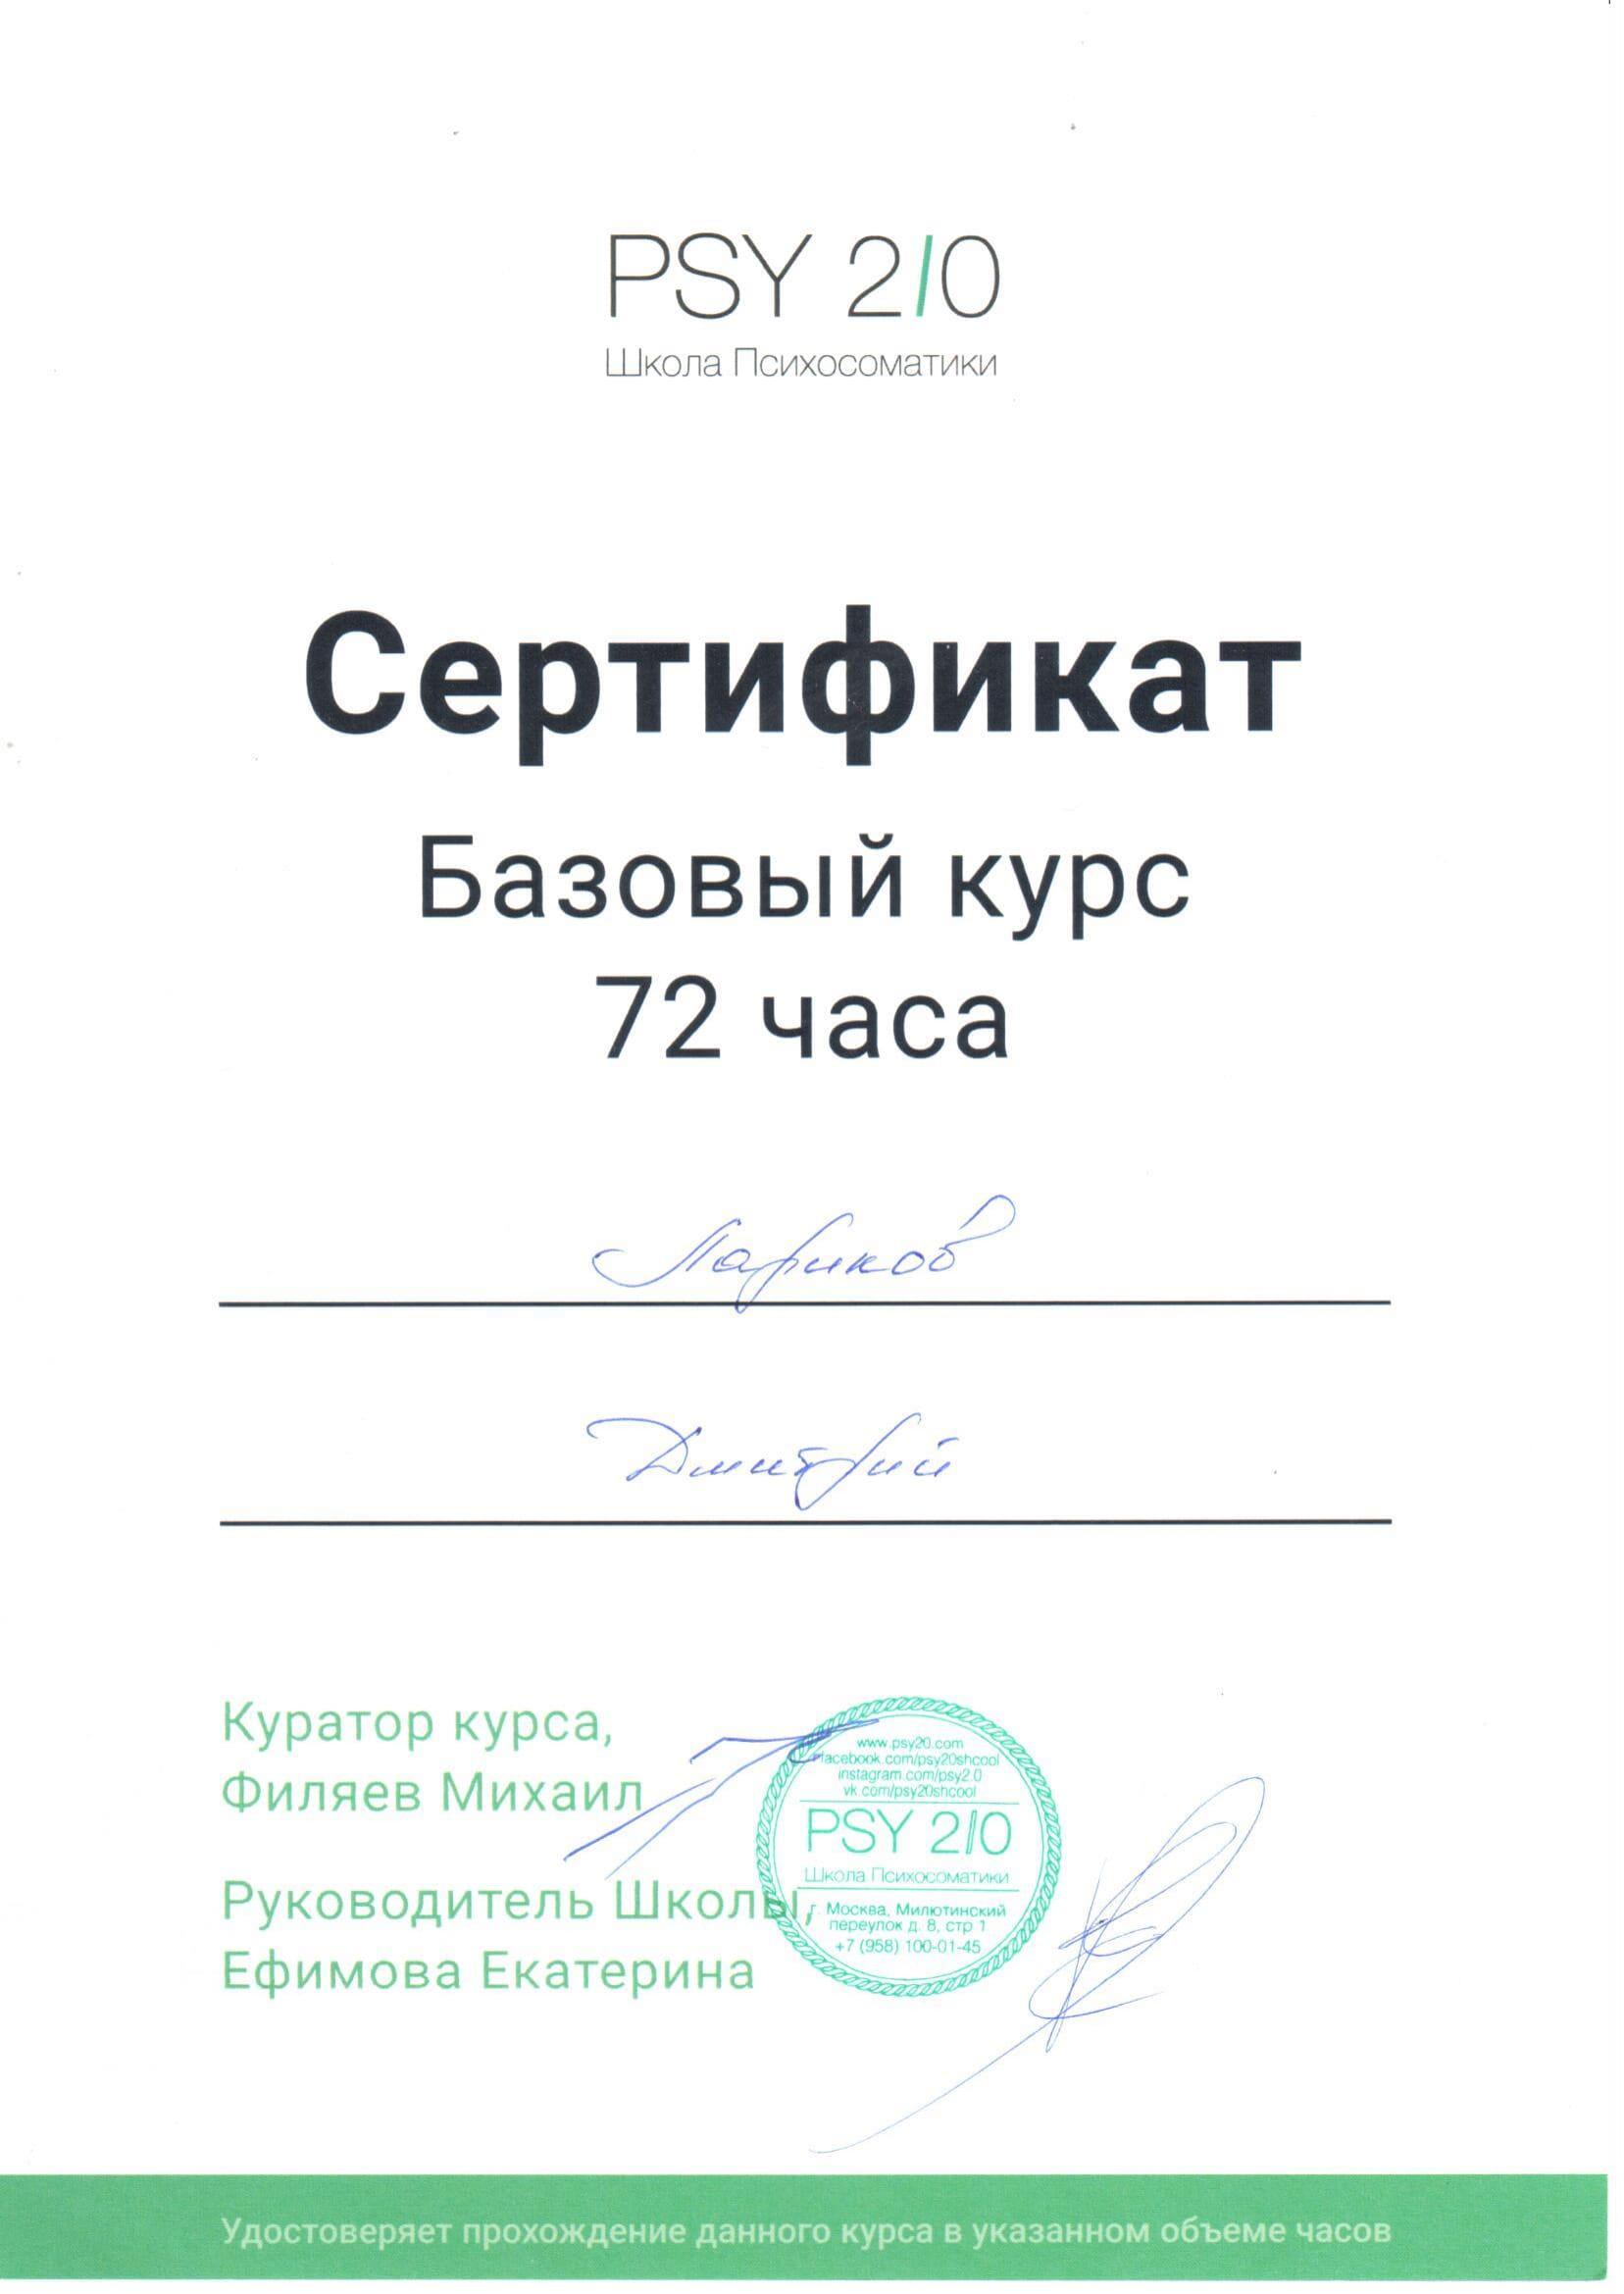 Сертификат Базовый Практик Лариков PSY20